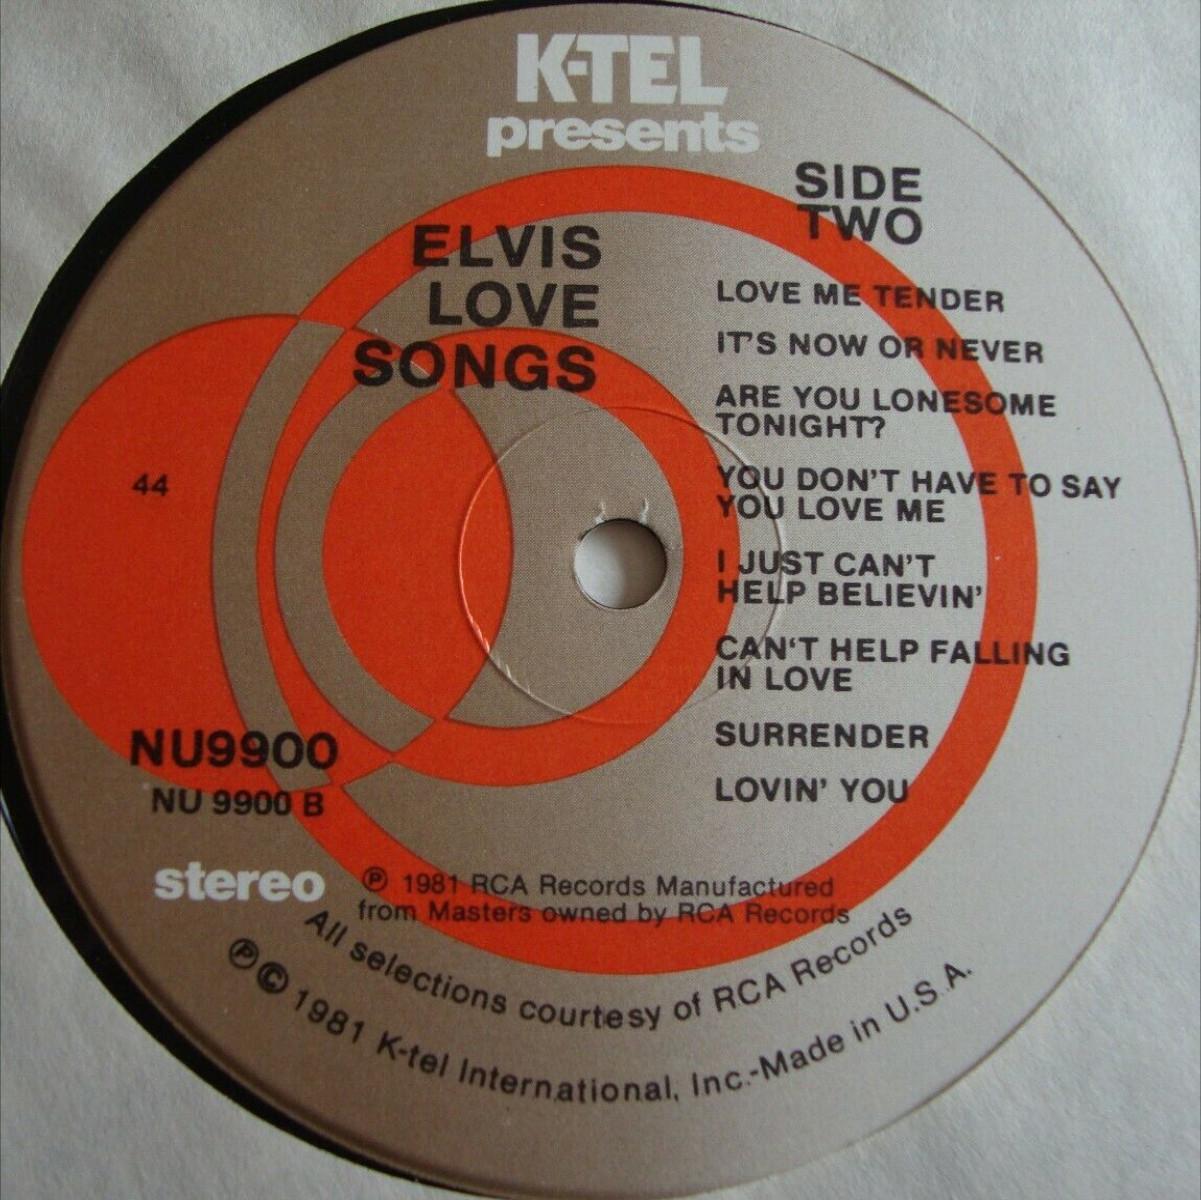 USA - ELVIS LOVE SONGS 4mpjjh